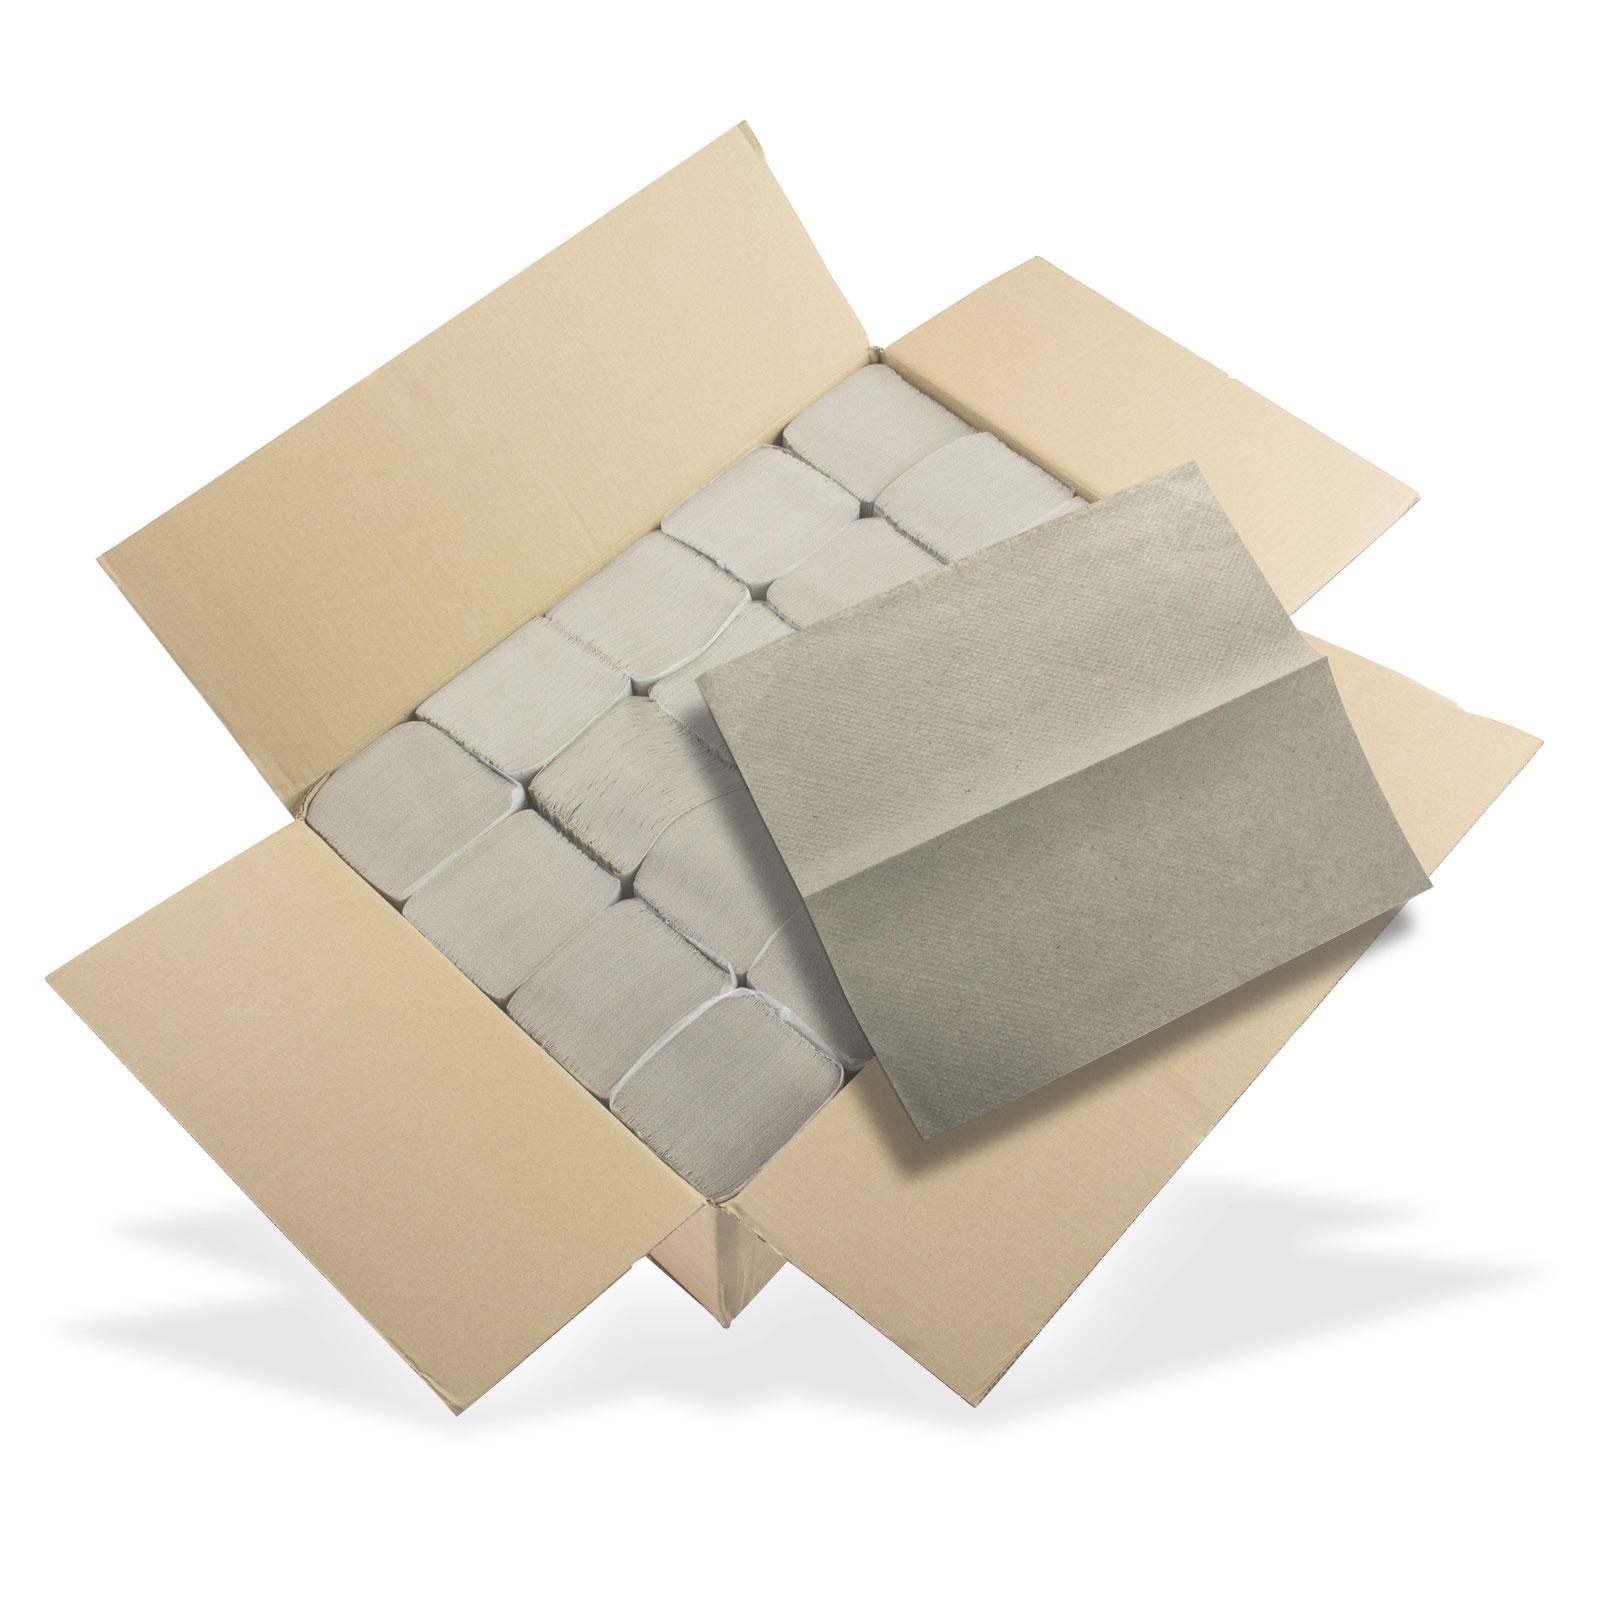 Dema Falthandtücher / Papierhandtücher 21246